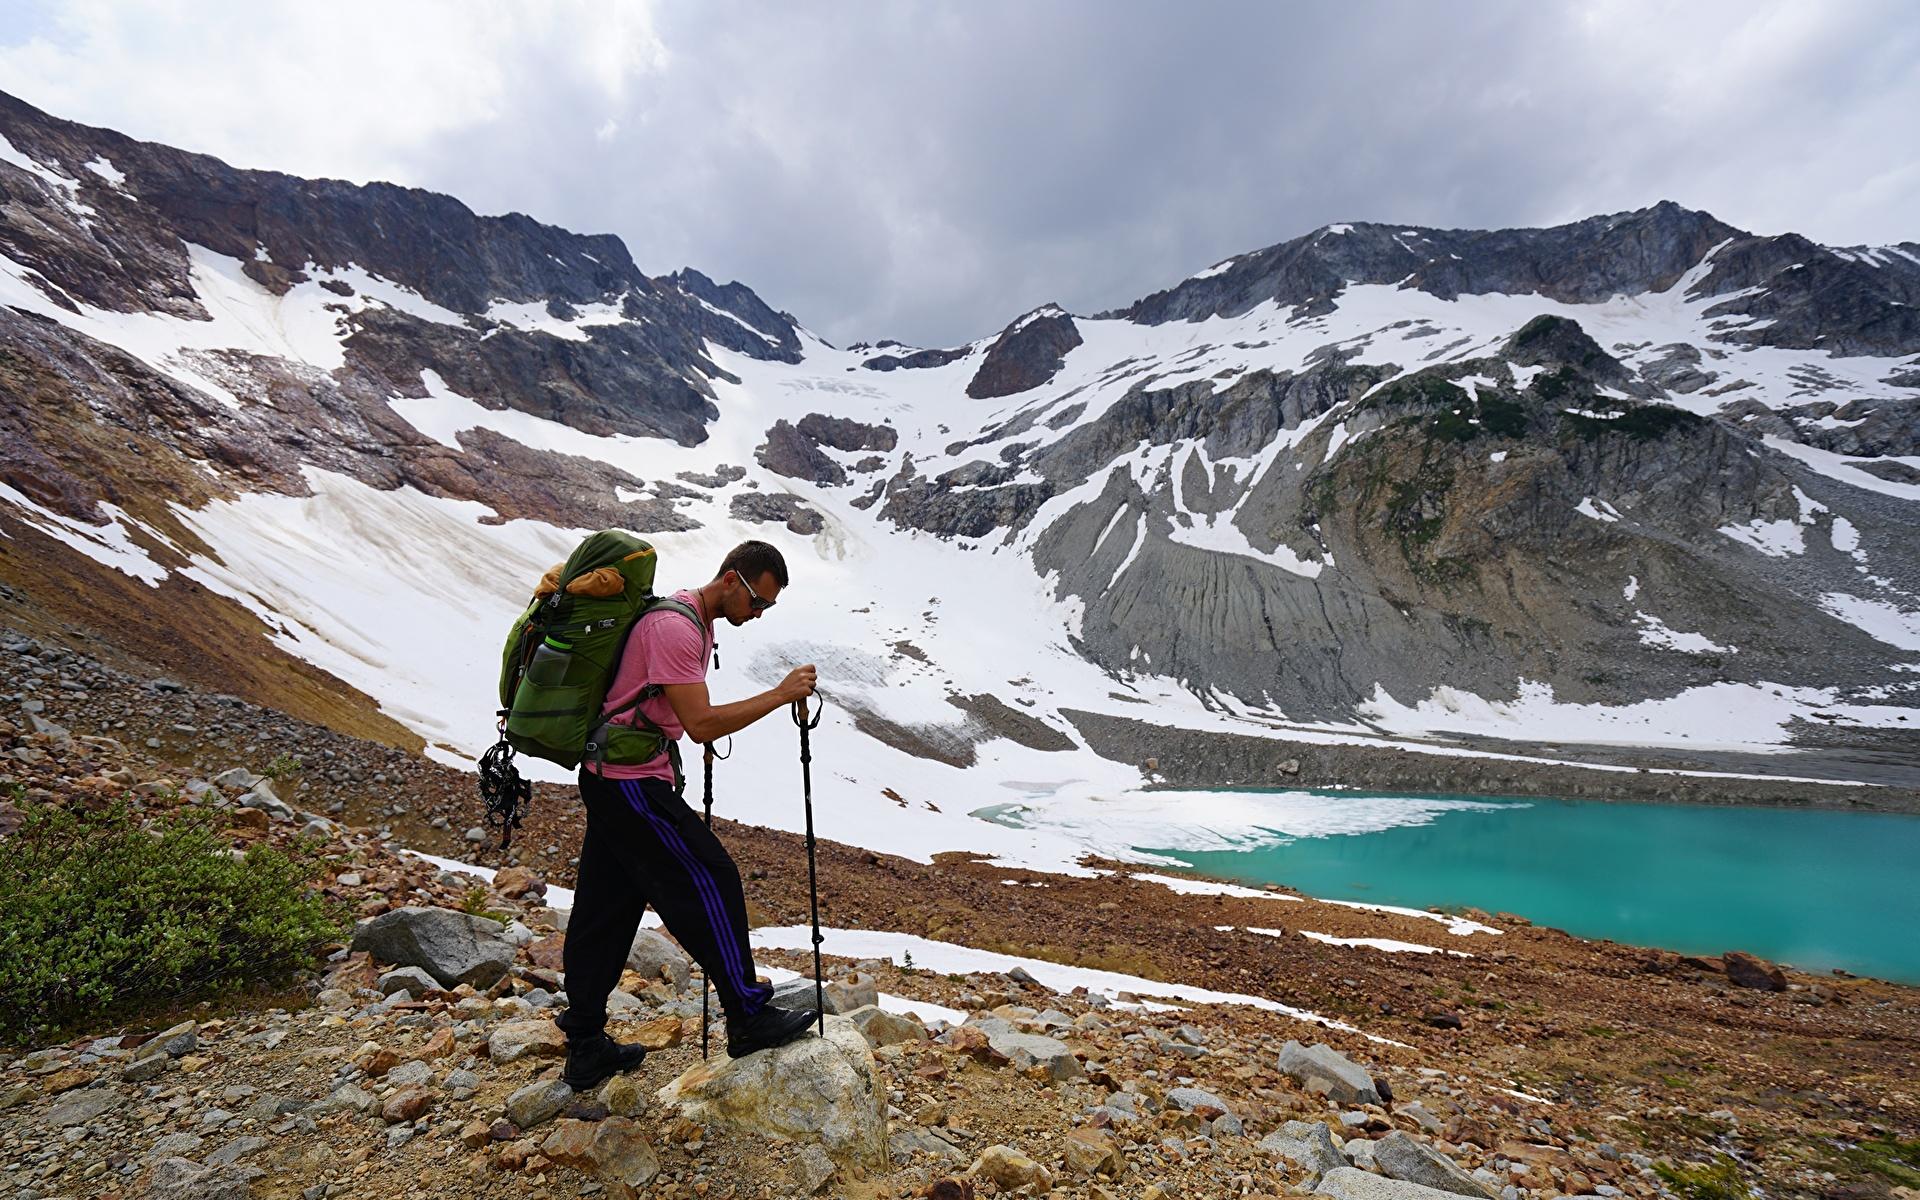 Фото Мужчины Альпинист Рюкзак гора Природа очков 1920x1200 мужчина альпинисты Горы Очки очках